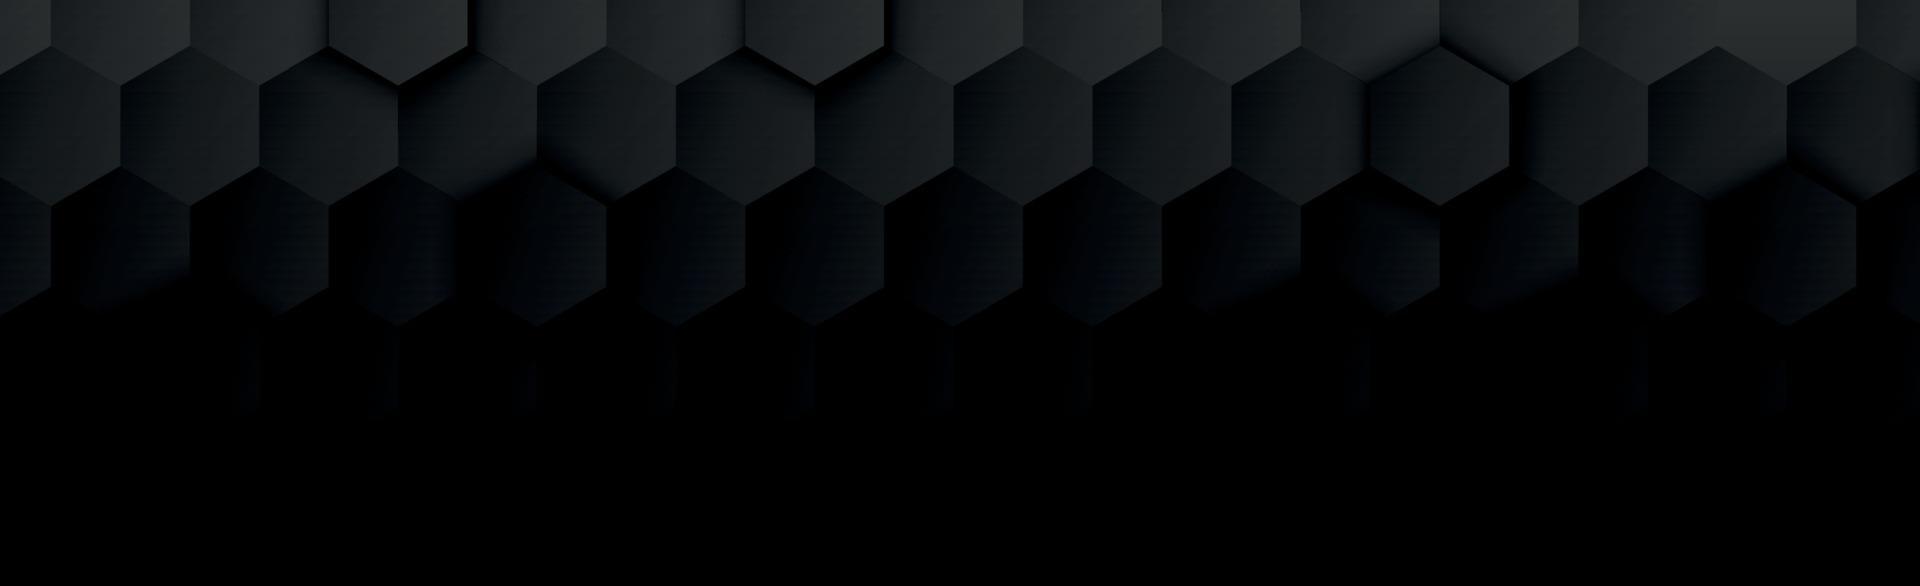 abstracte zwarte zeshoeken op donkere panoramische achtergrond vector